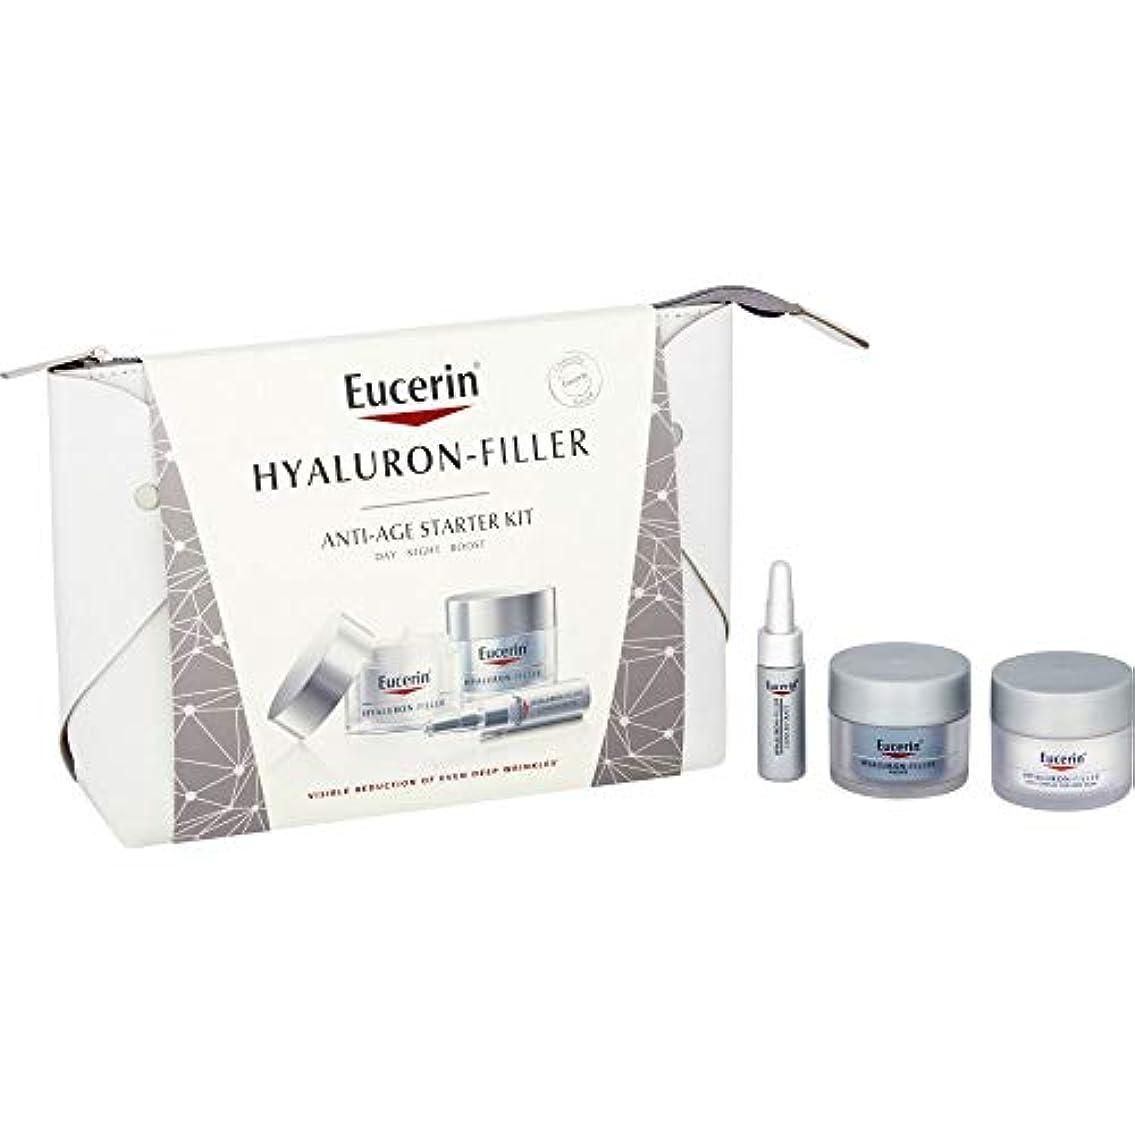 健全極めてビーチ[Eucerin] ユーセリンのヒアルロンフィラー抗加齢スターターキット - Eucerin Hyaluron-Filler Anti-Age Starter Kit [並行輸入品]